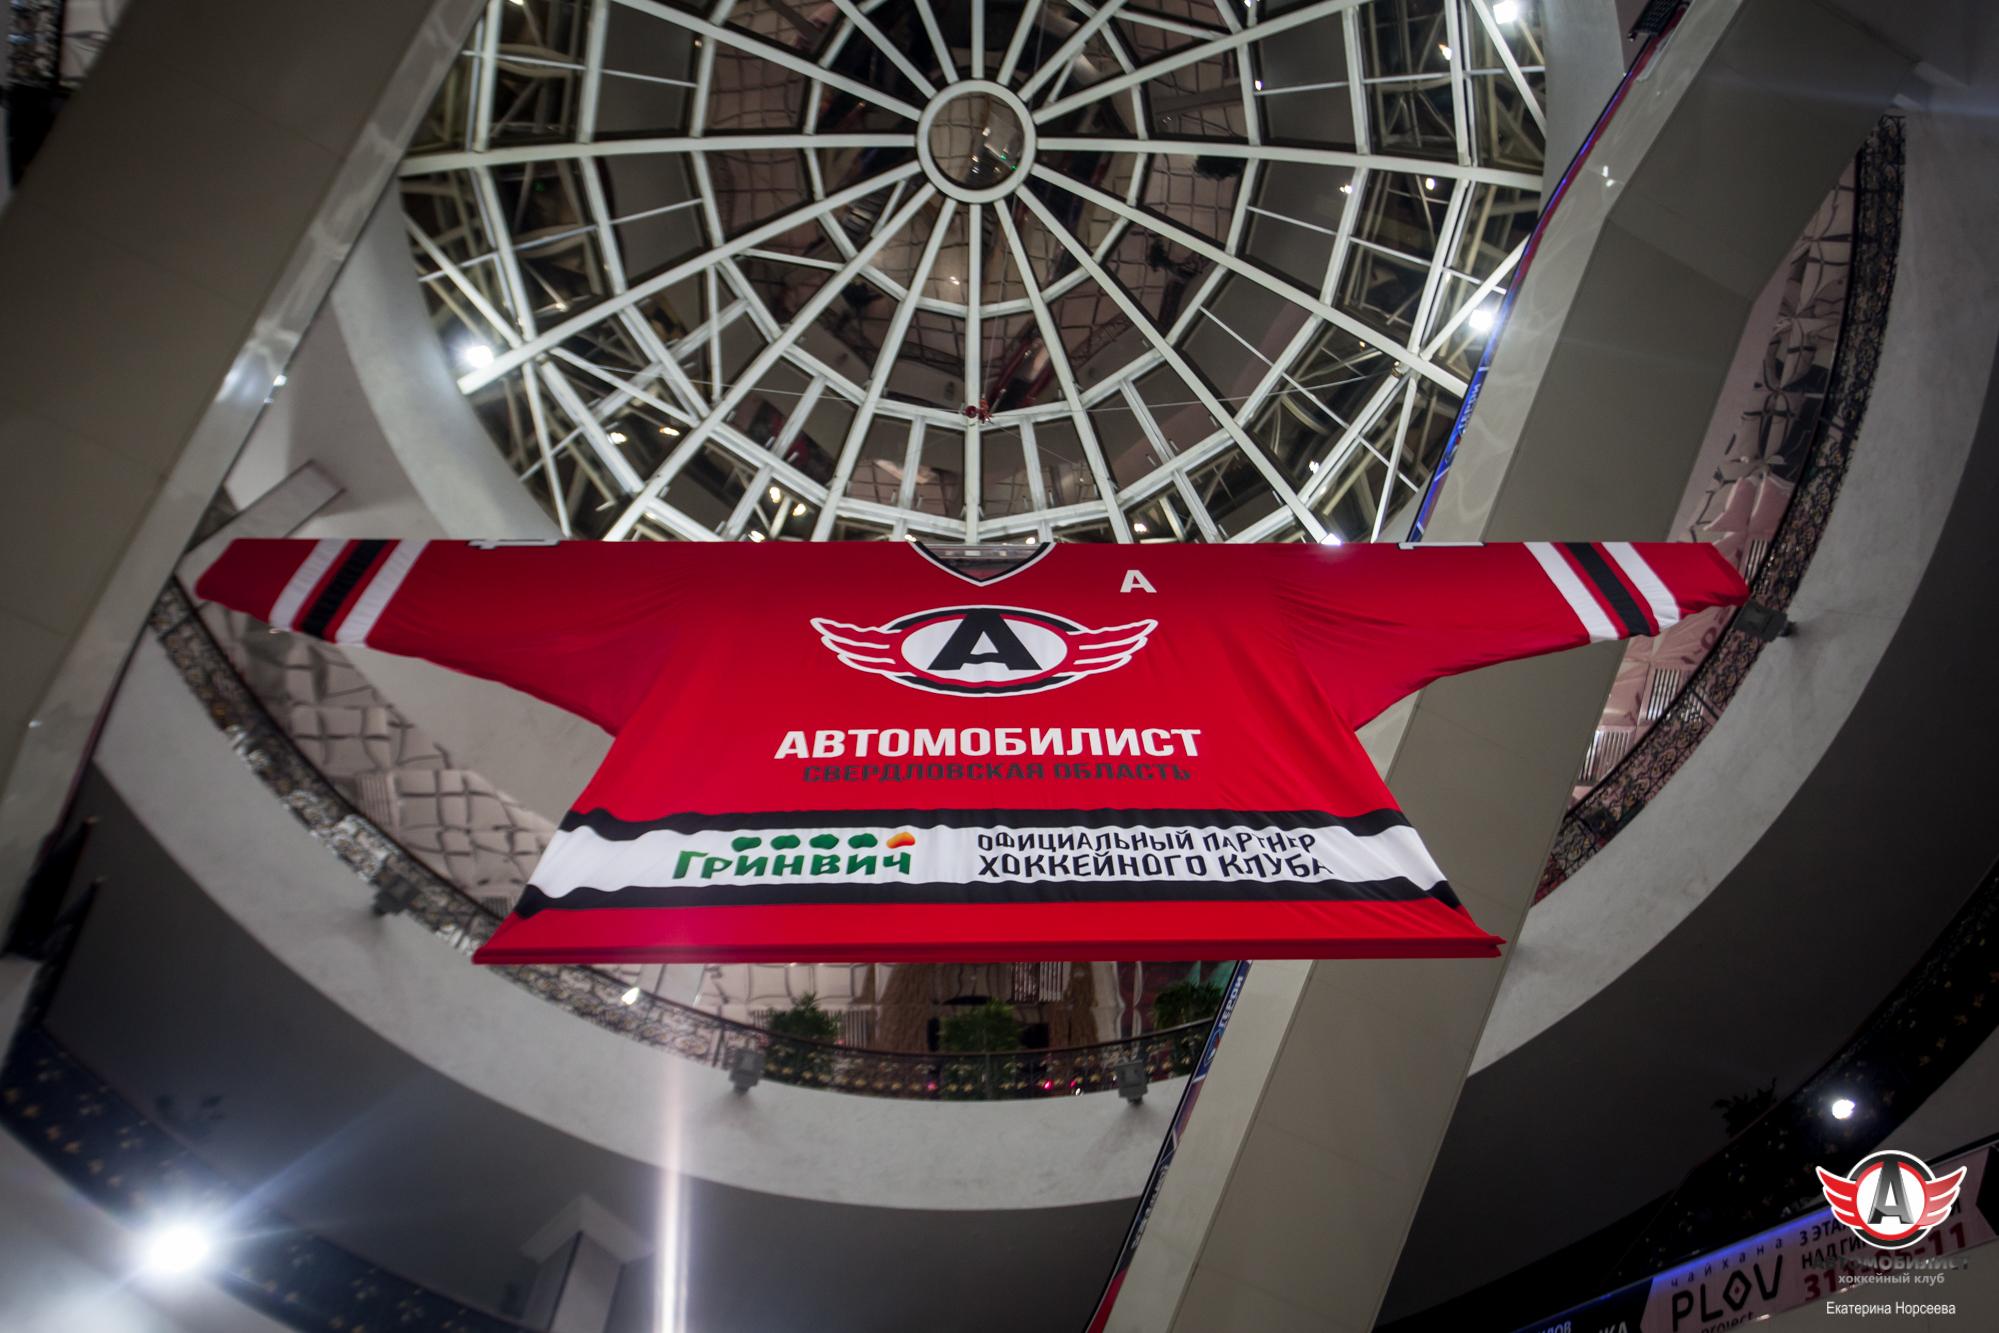 «Автомобилист» идет на рекорд: в Екатеринбурге повесили семиметровую копию хоккейного свитера